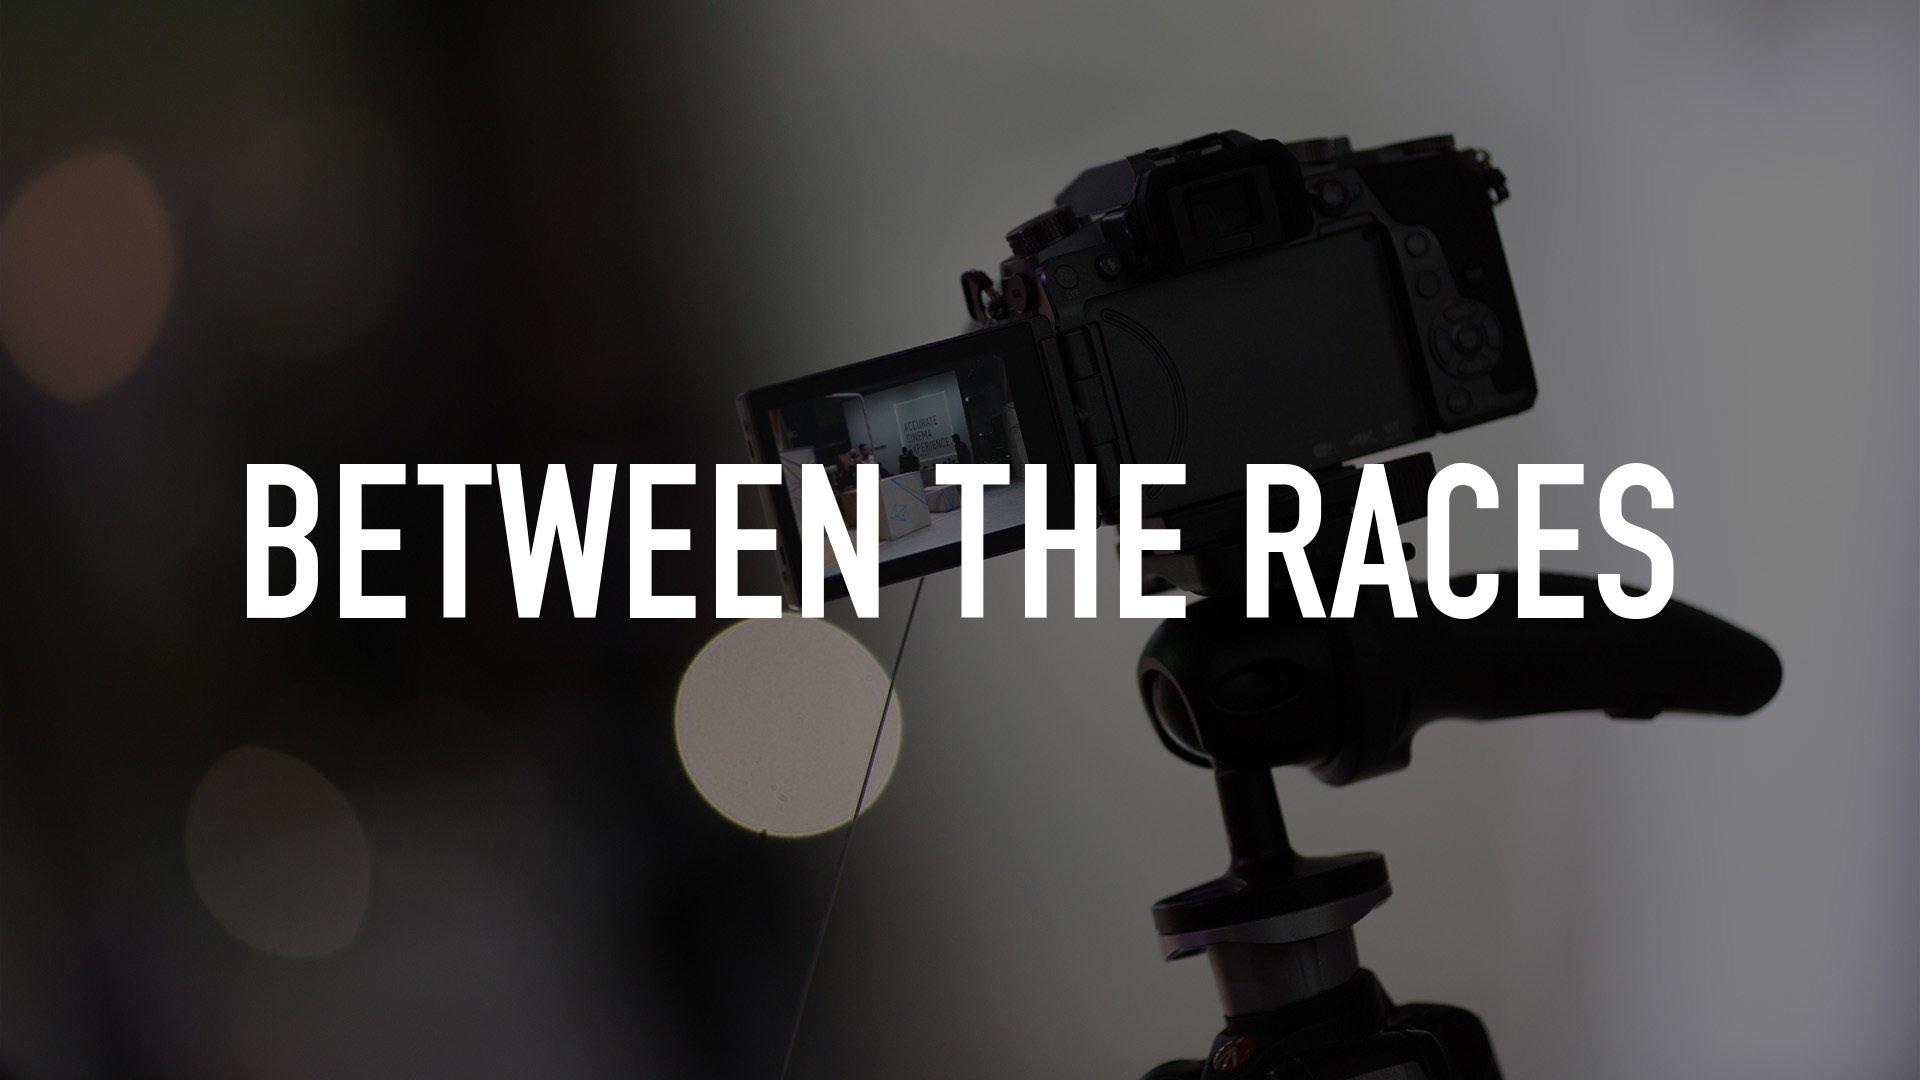 Between the Races